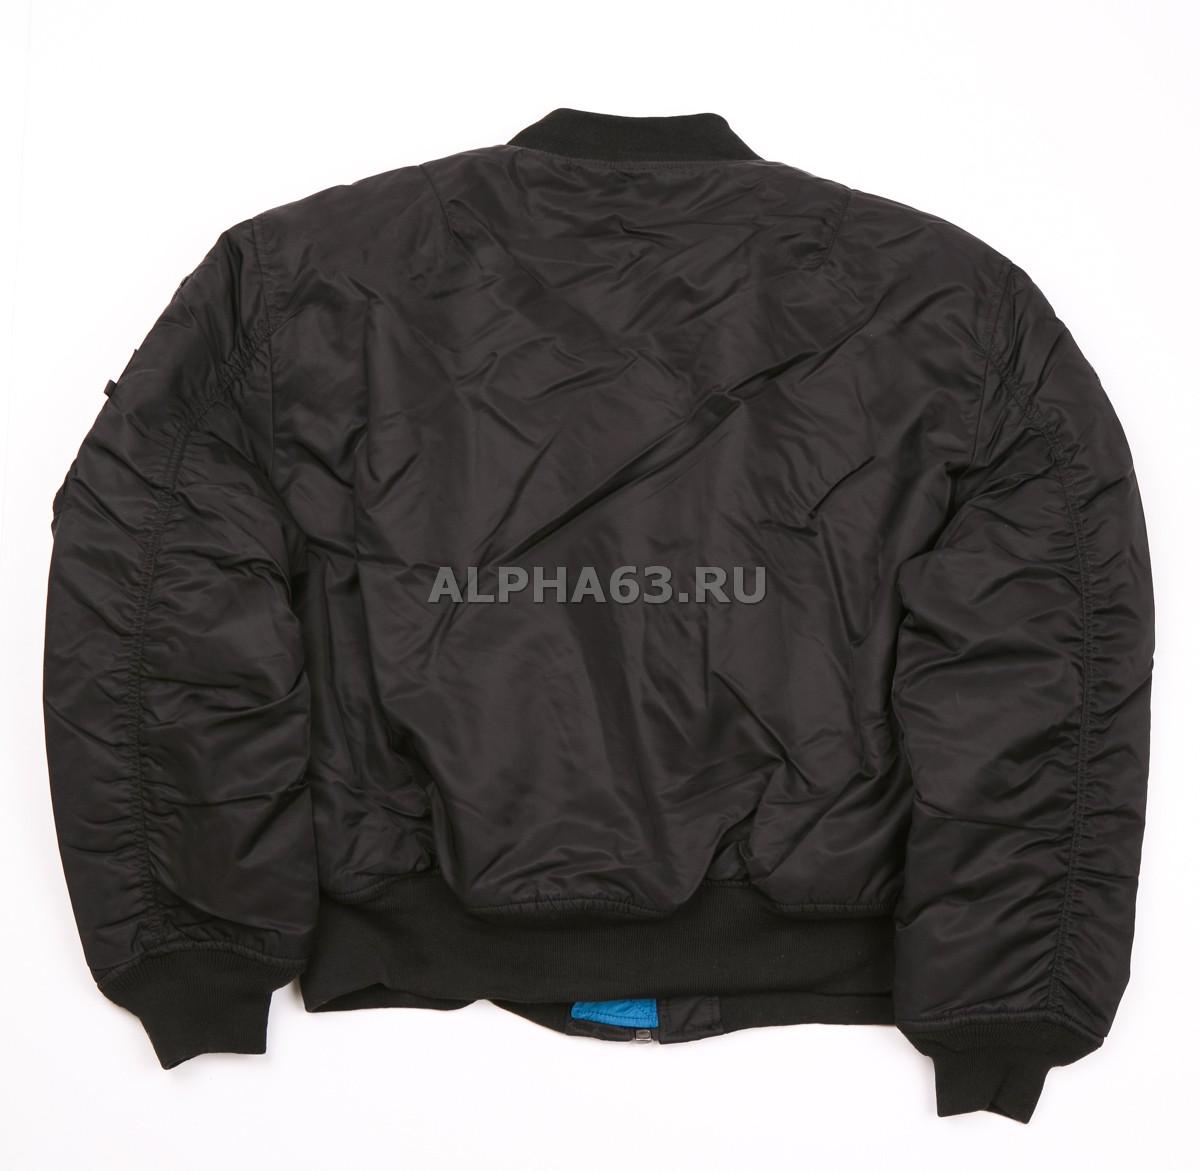 Куртка Ма 1 Купить В Новосибирске